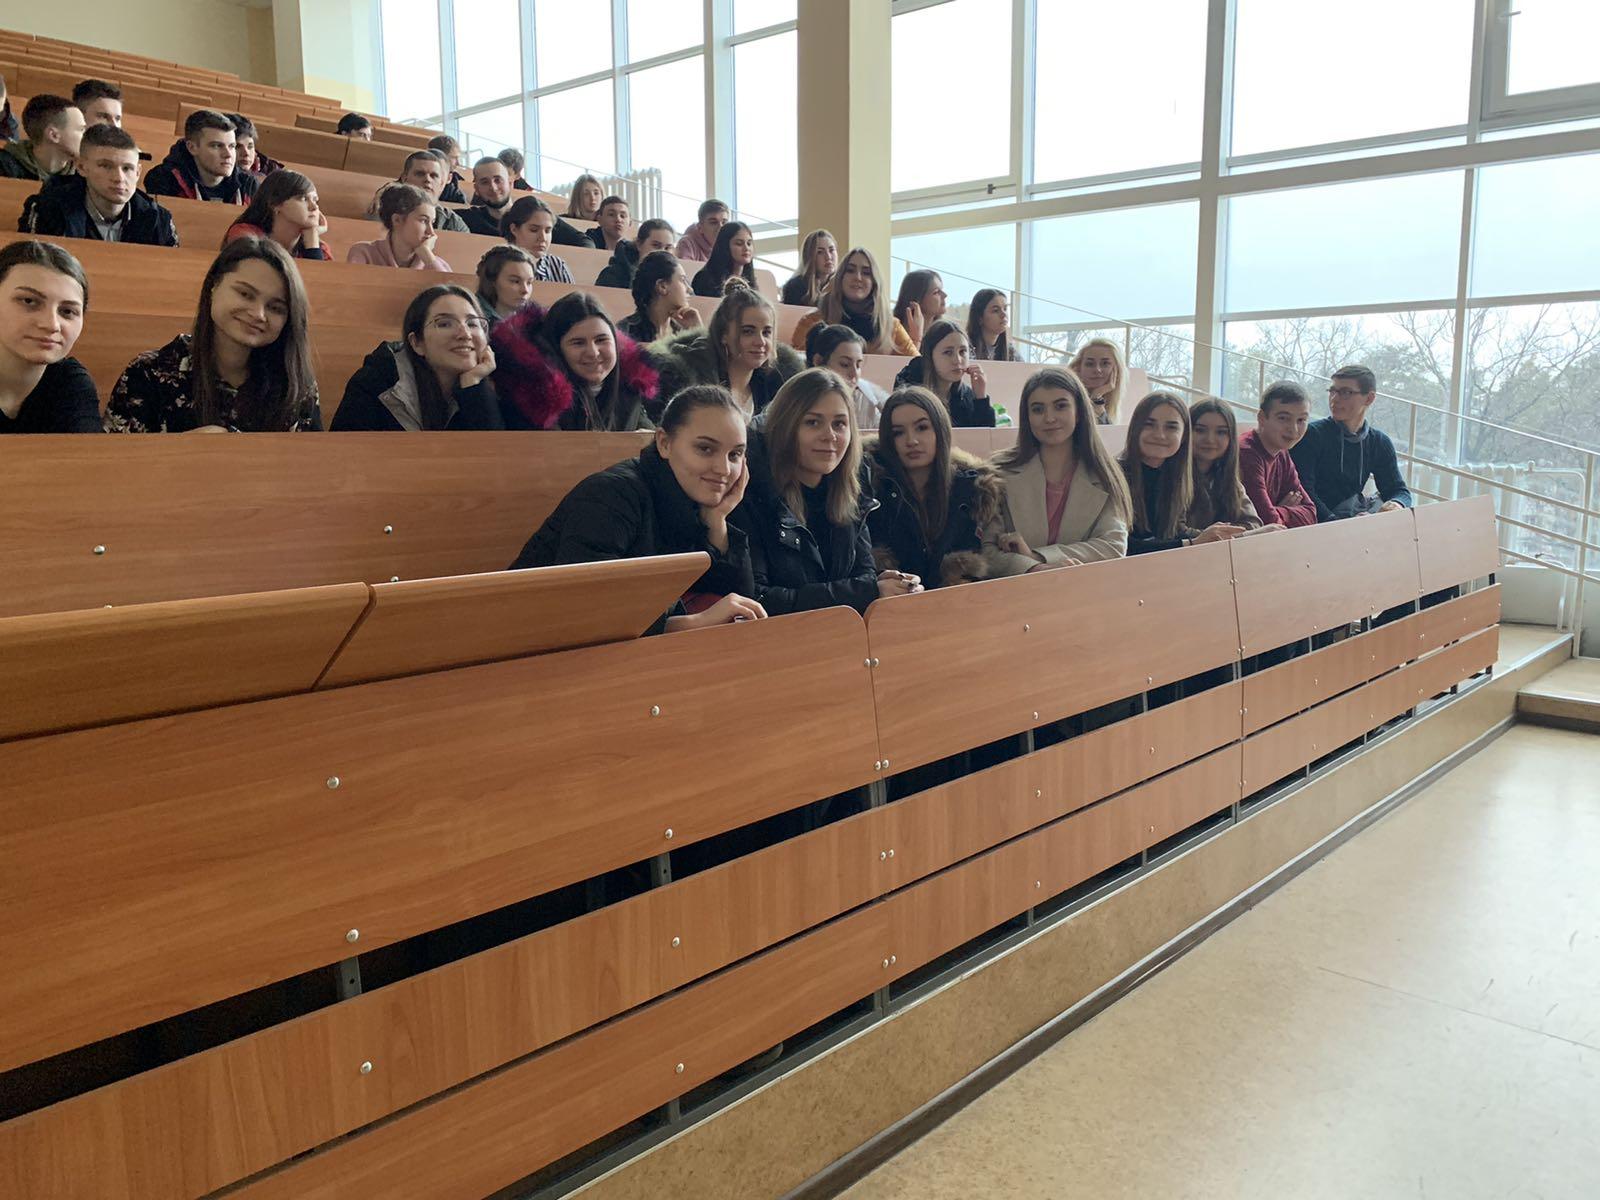 Чергове засідання  на якому зібрались учасники клубу «Менеджер».